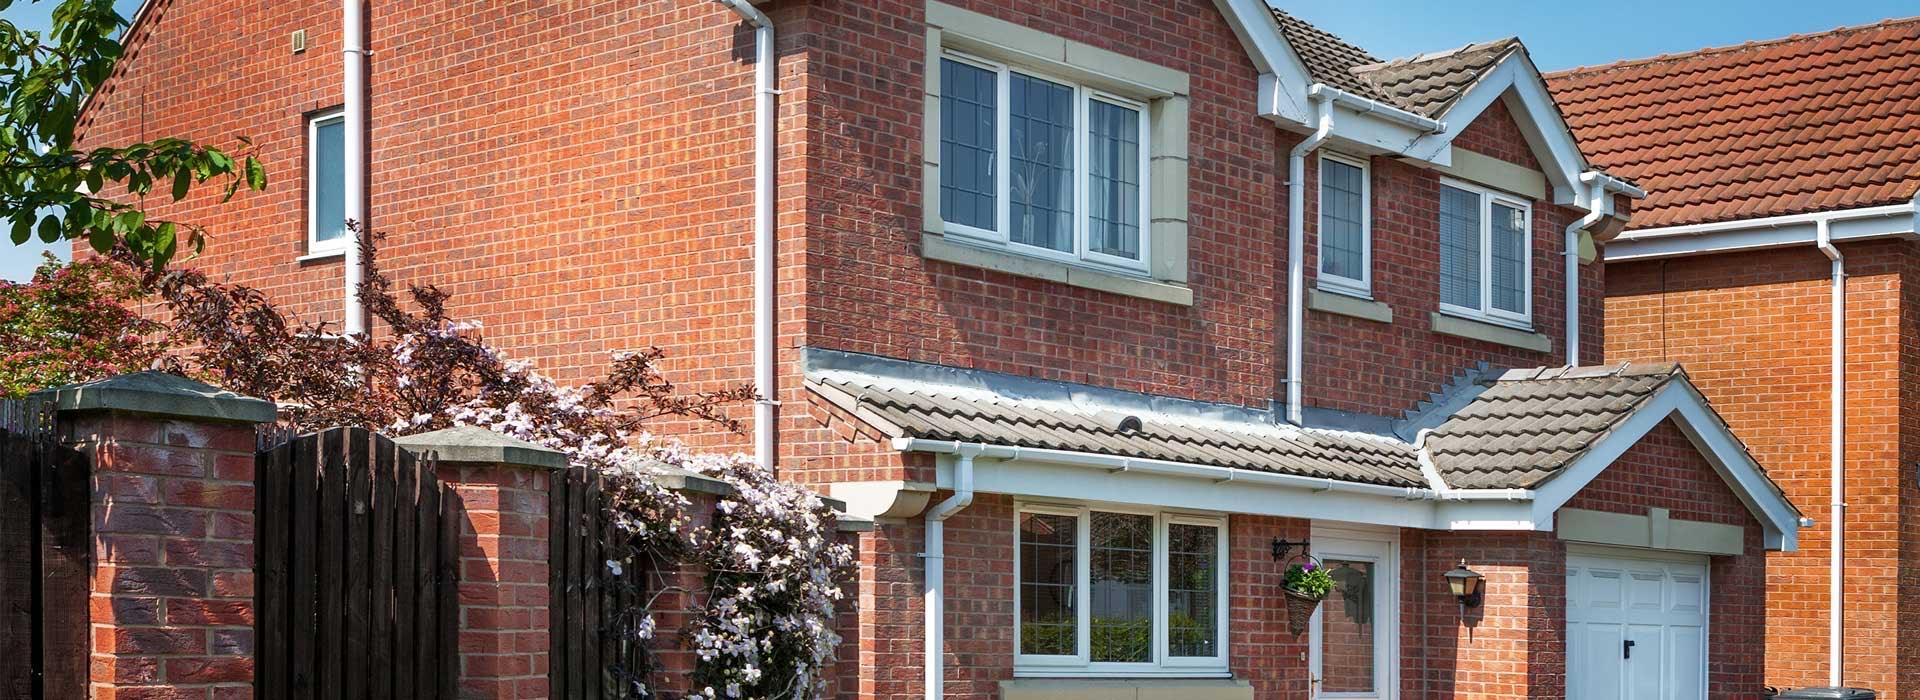 Double Glazing Prices Chislehurst